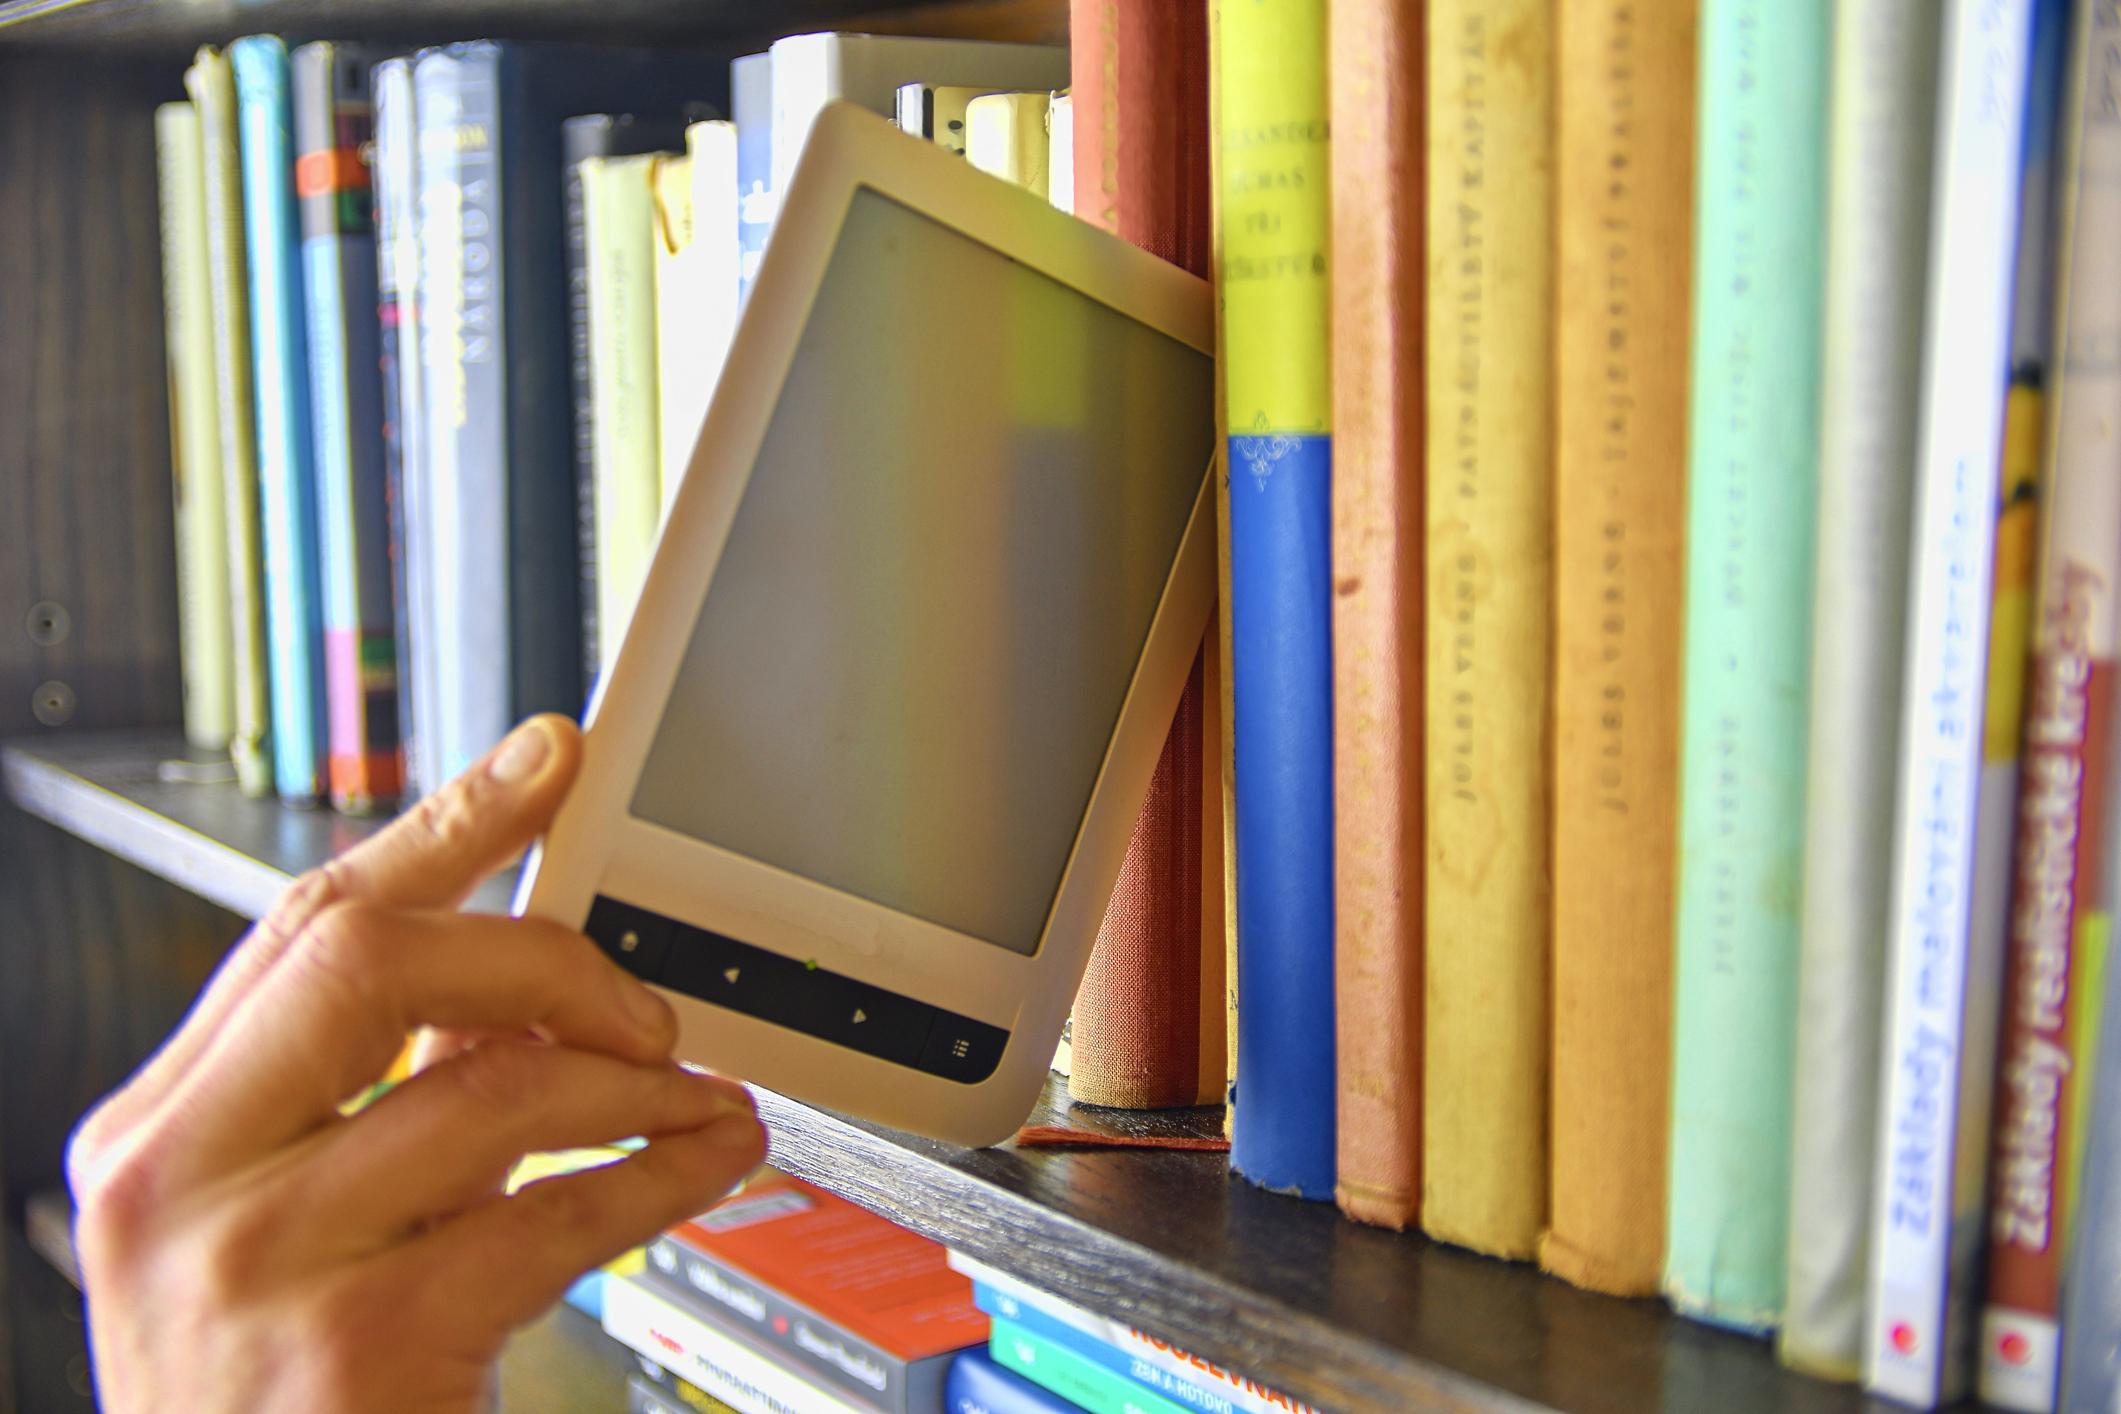 ספרים אלקטרוניים ספרים דיגיטליים ספרים וירטואלים הוצאת ספר דיגיטלי